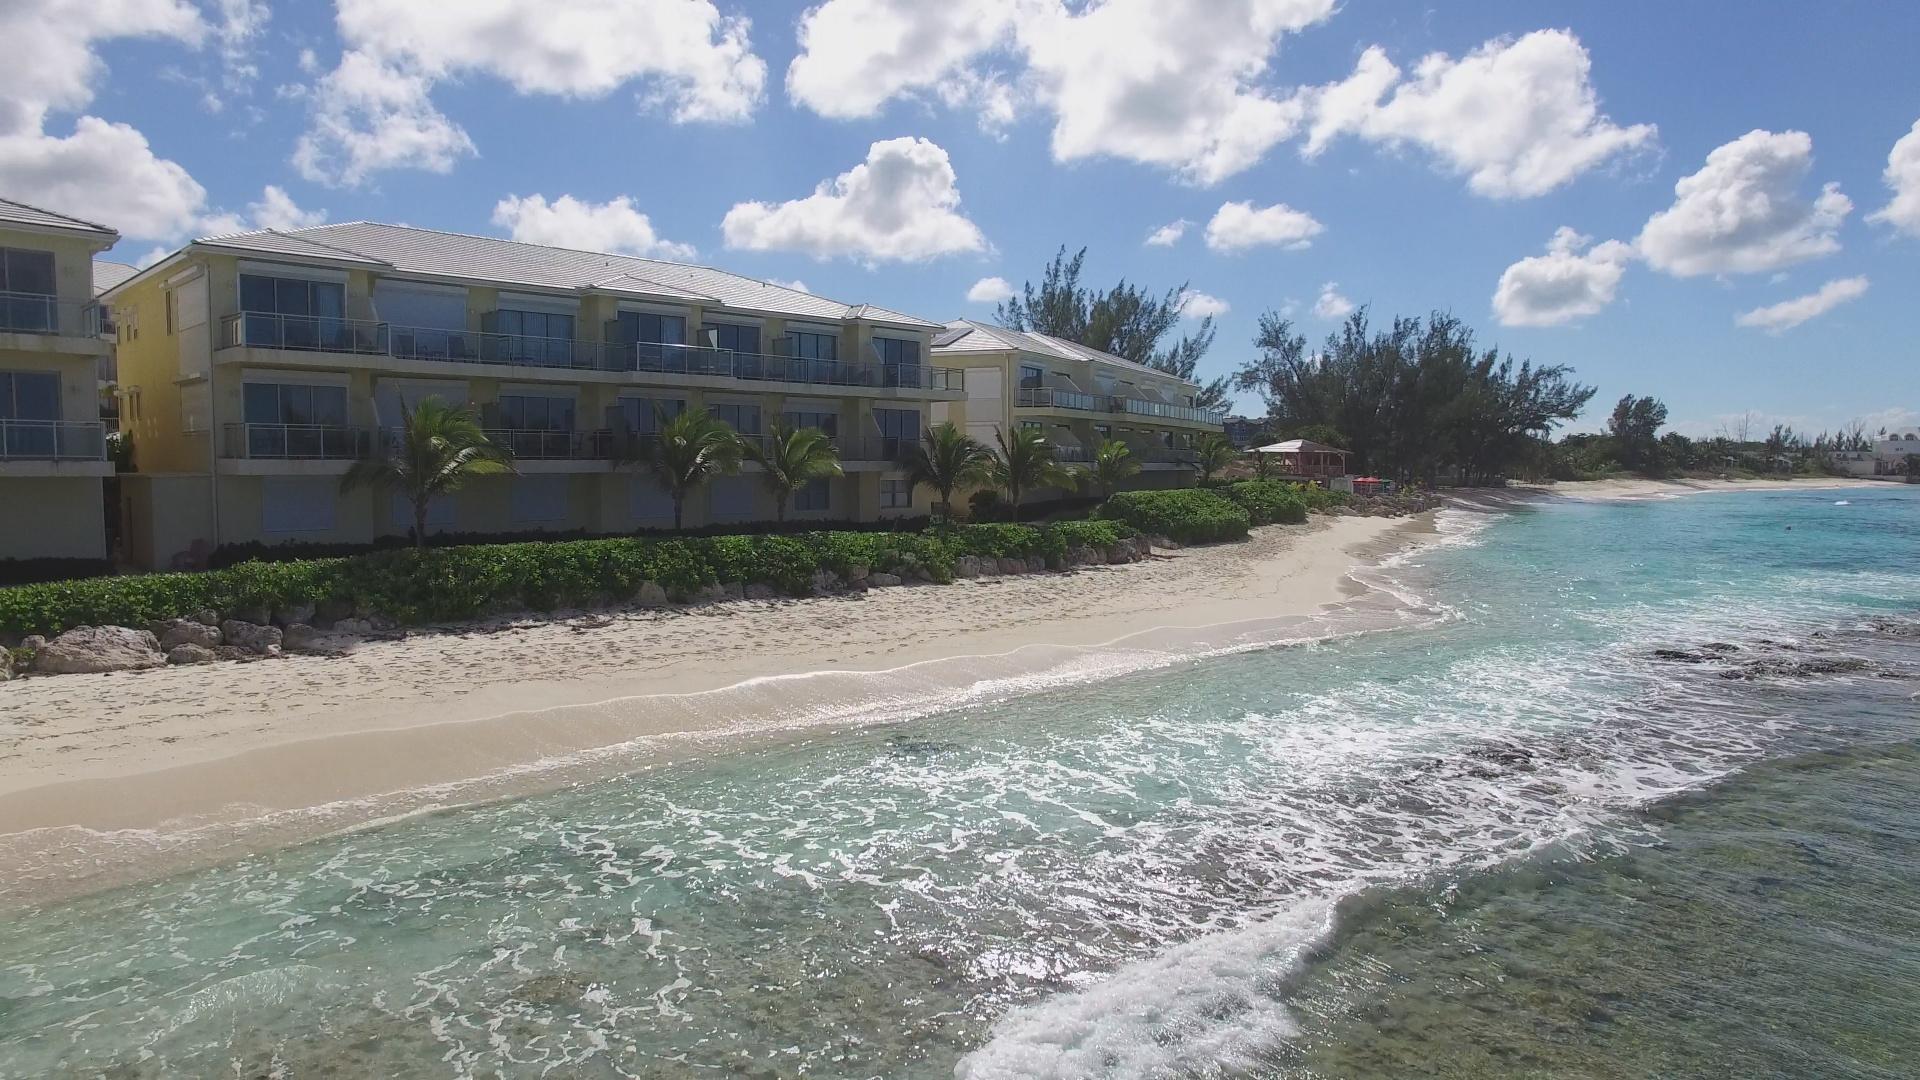 联栋屋 为 出租 在 Columbus Cove Beachfront Rental Columbus Cove, 爱情海滩, 新普罗维登斯/拿骚 巴哈马